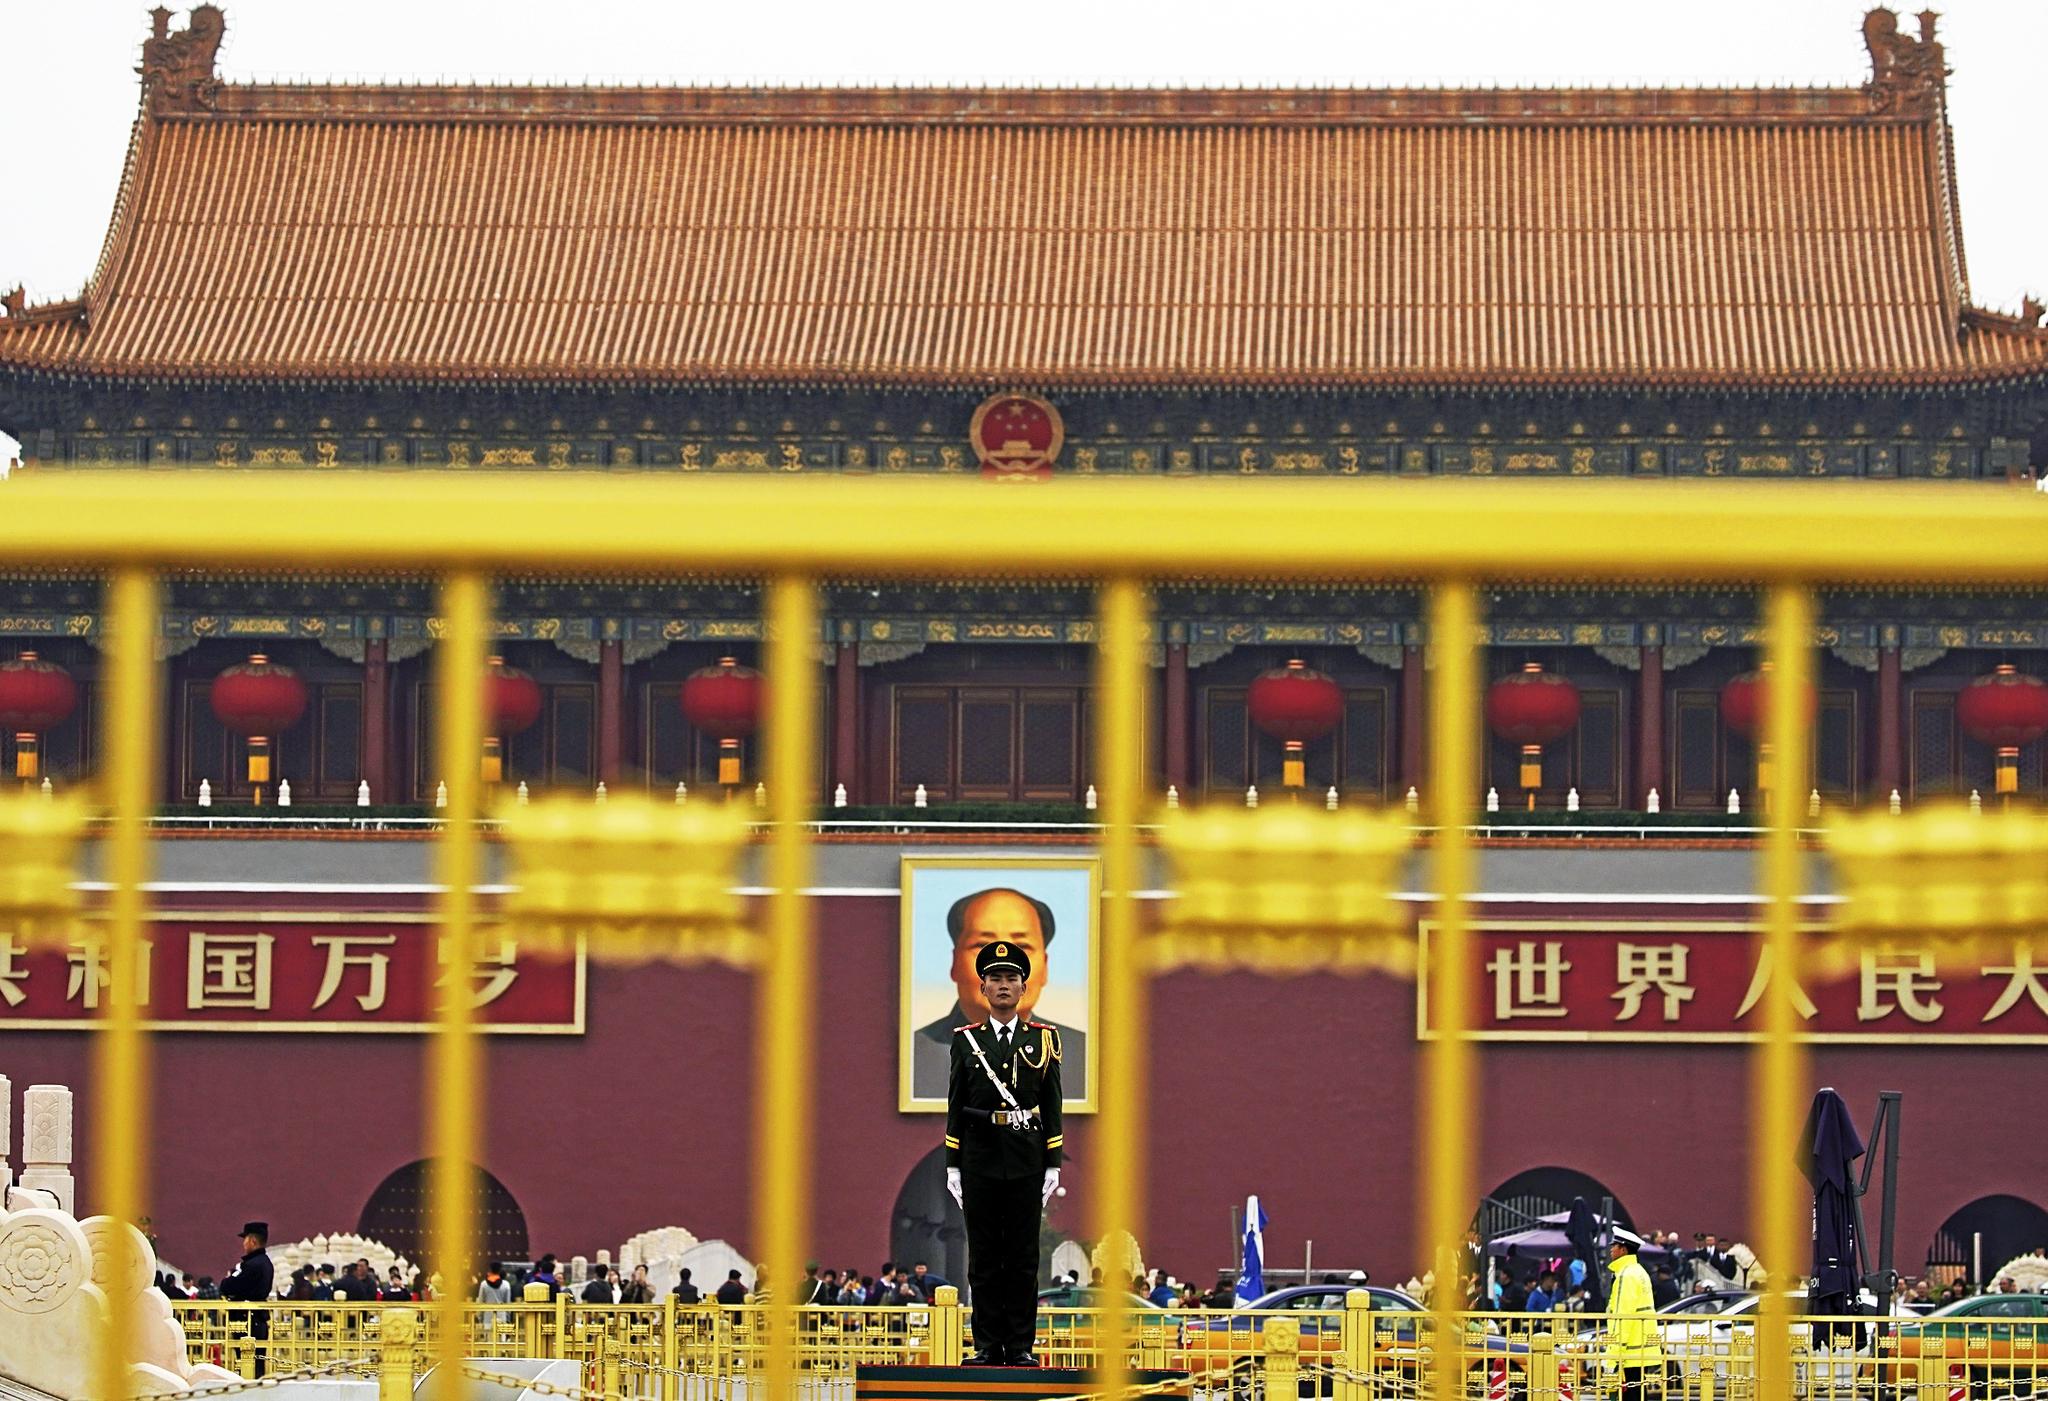 Un policía frente a un retrato gigante de Mao Zedong en la puerta de Tiananmen antes del pasado Congreso del PCC.